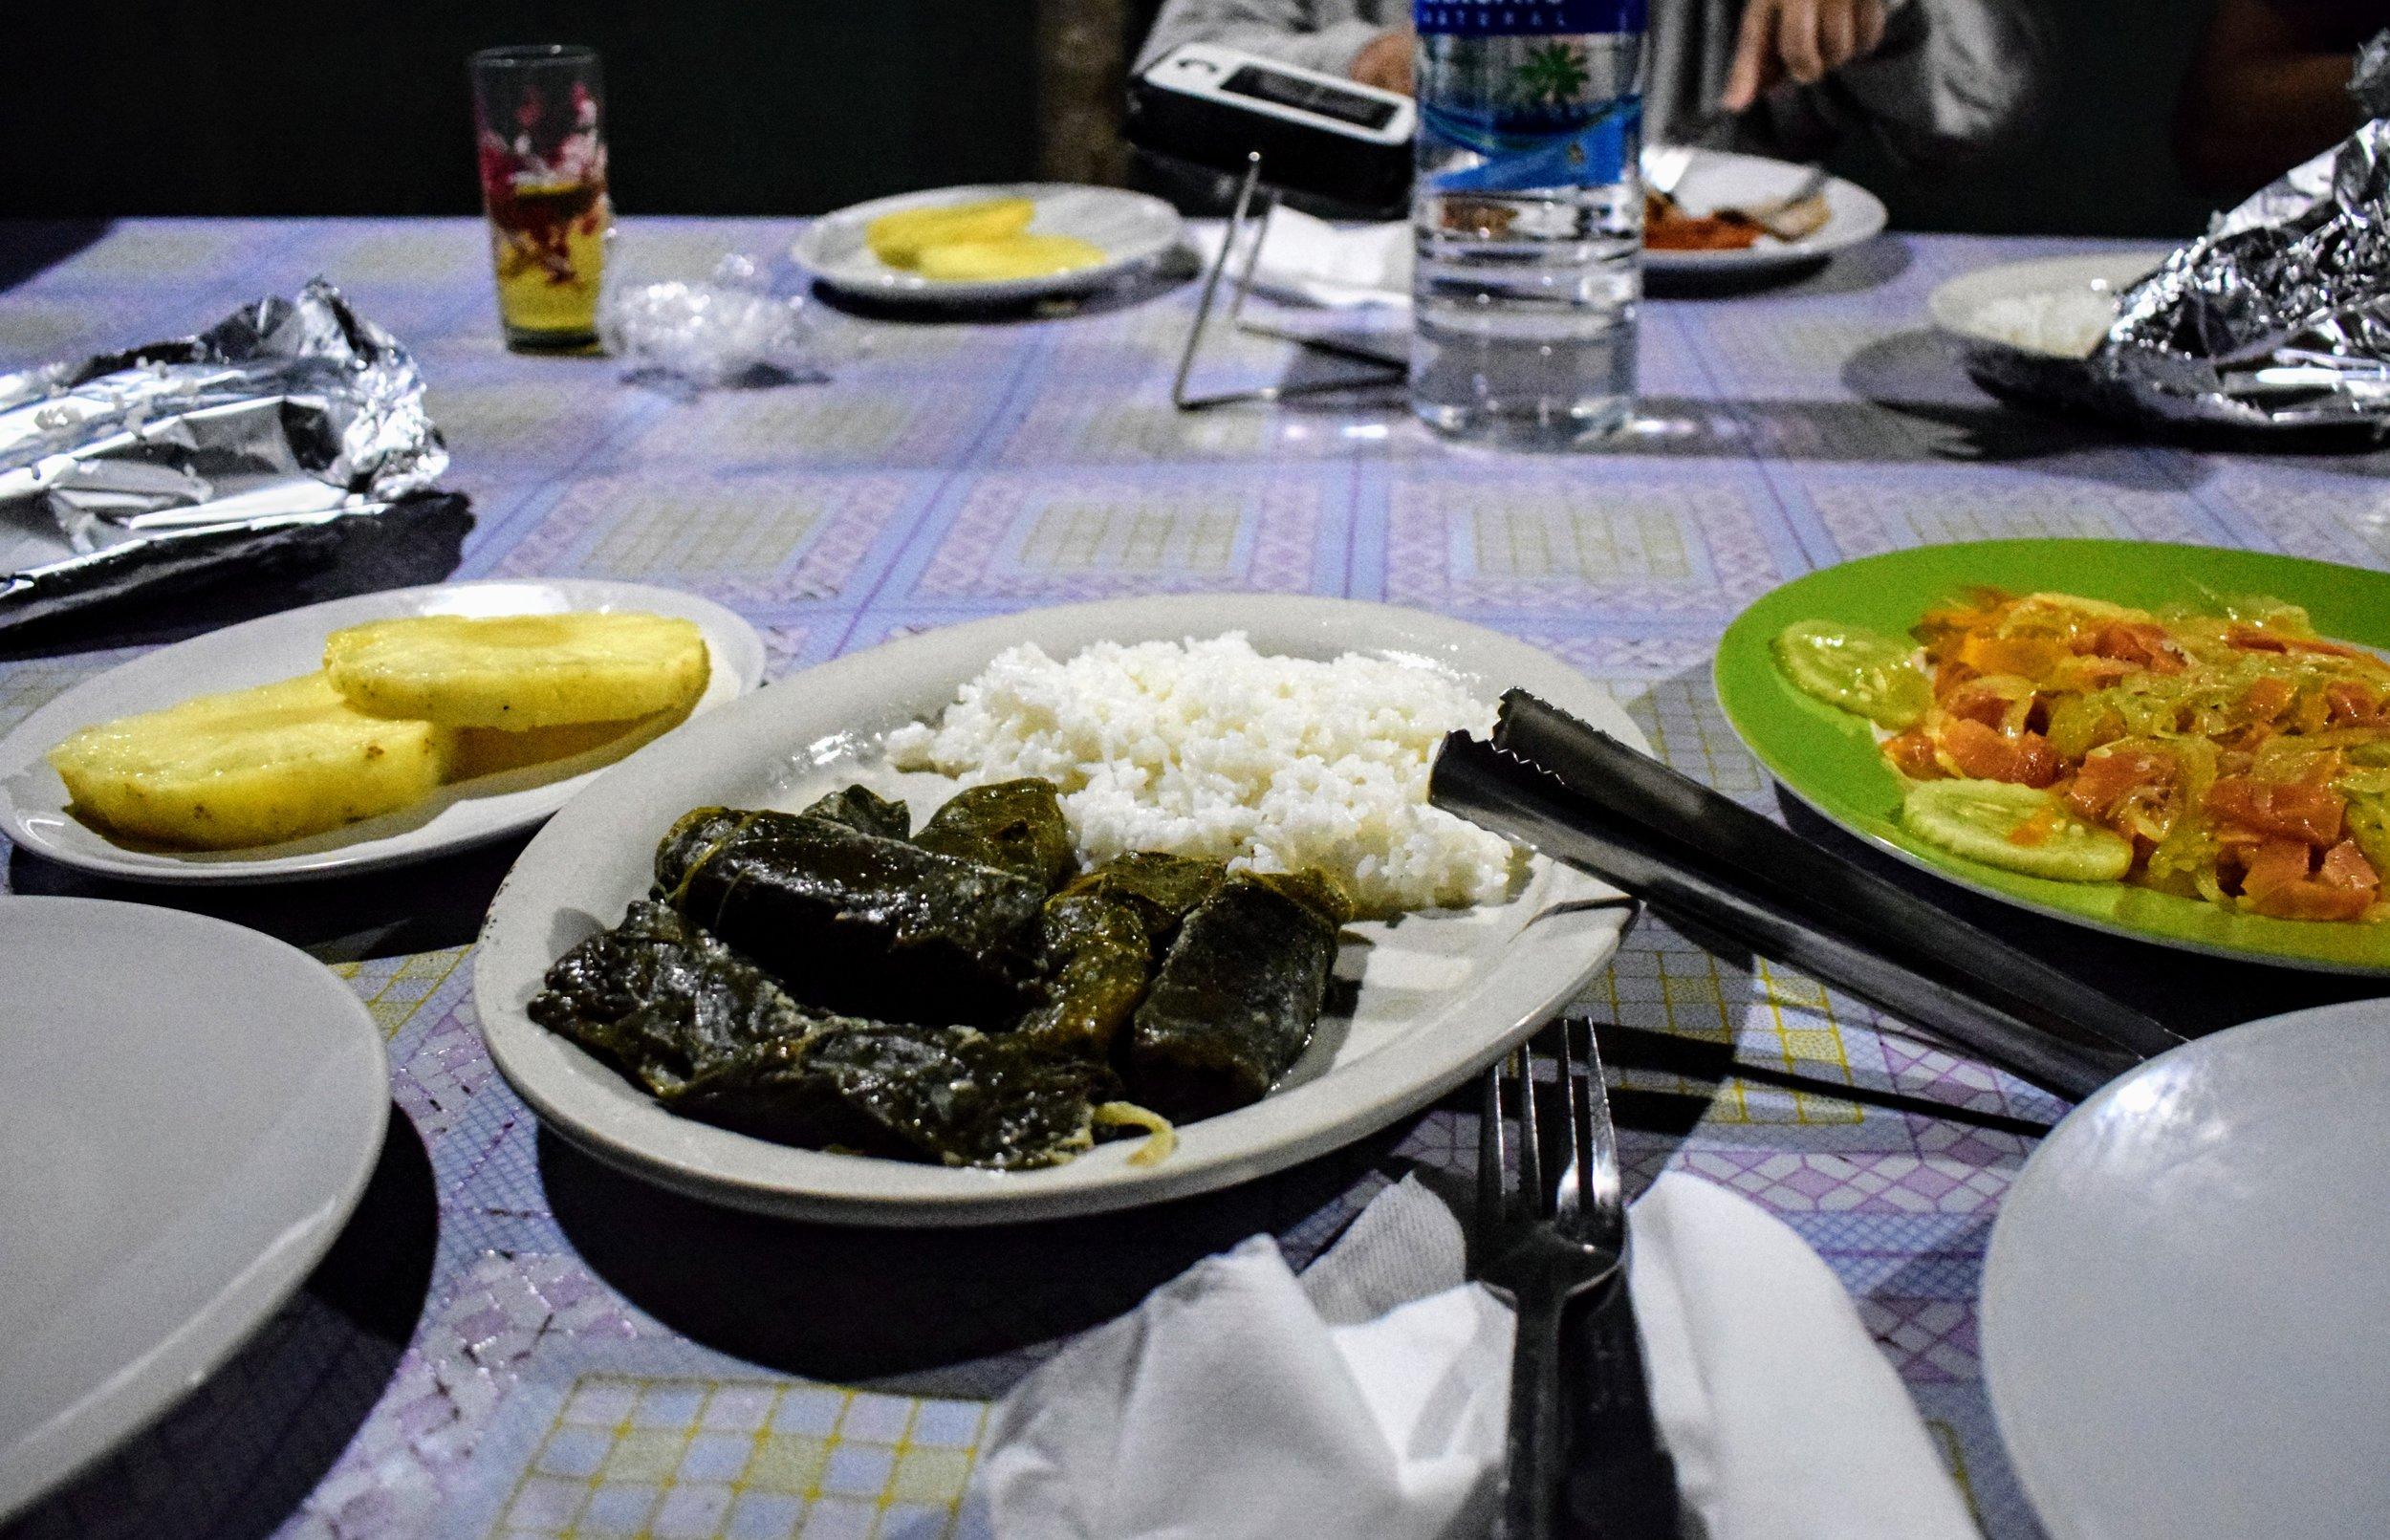 Dinnertime courtesy of Mariam.